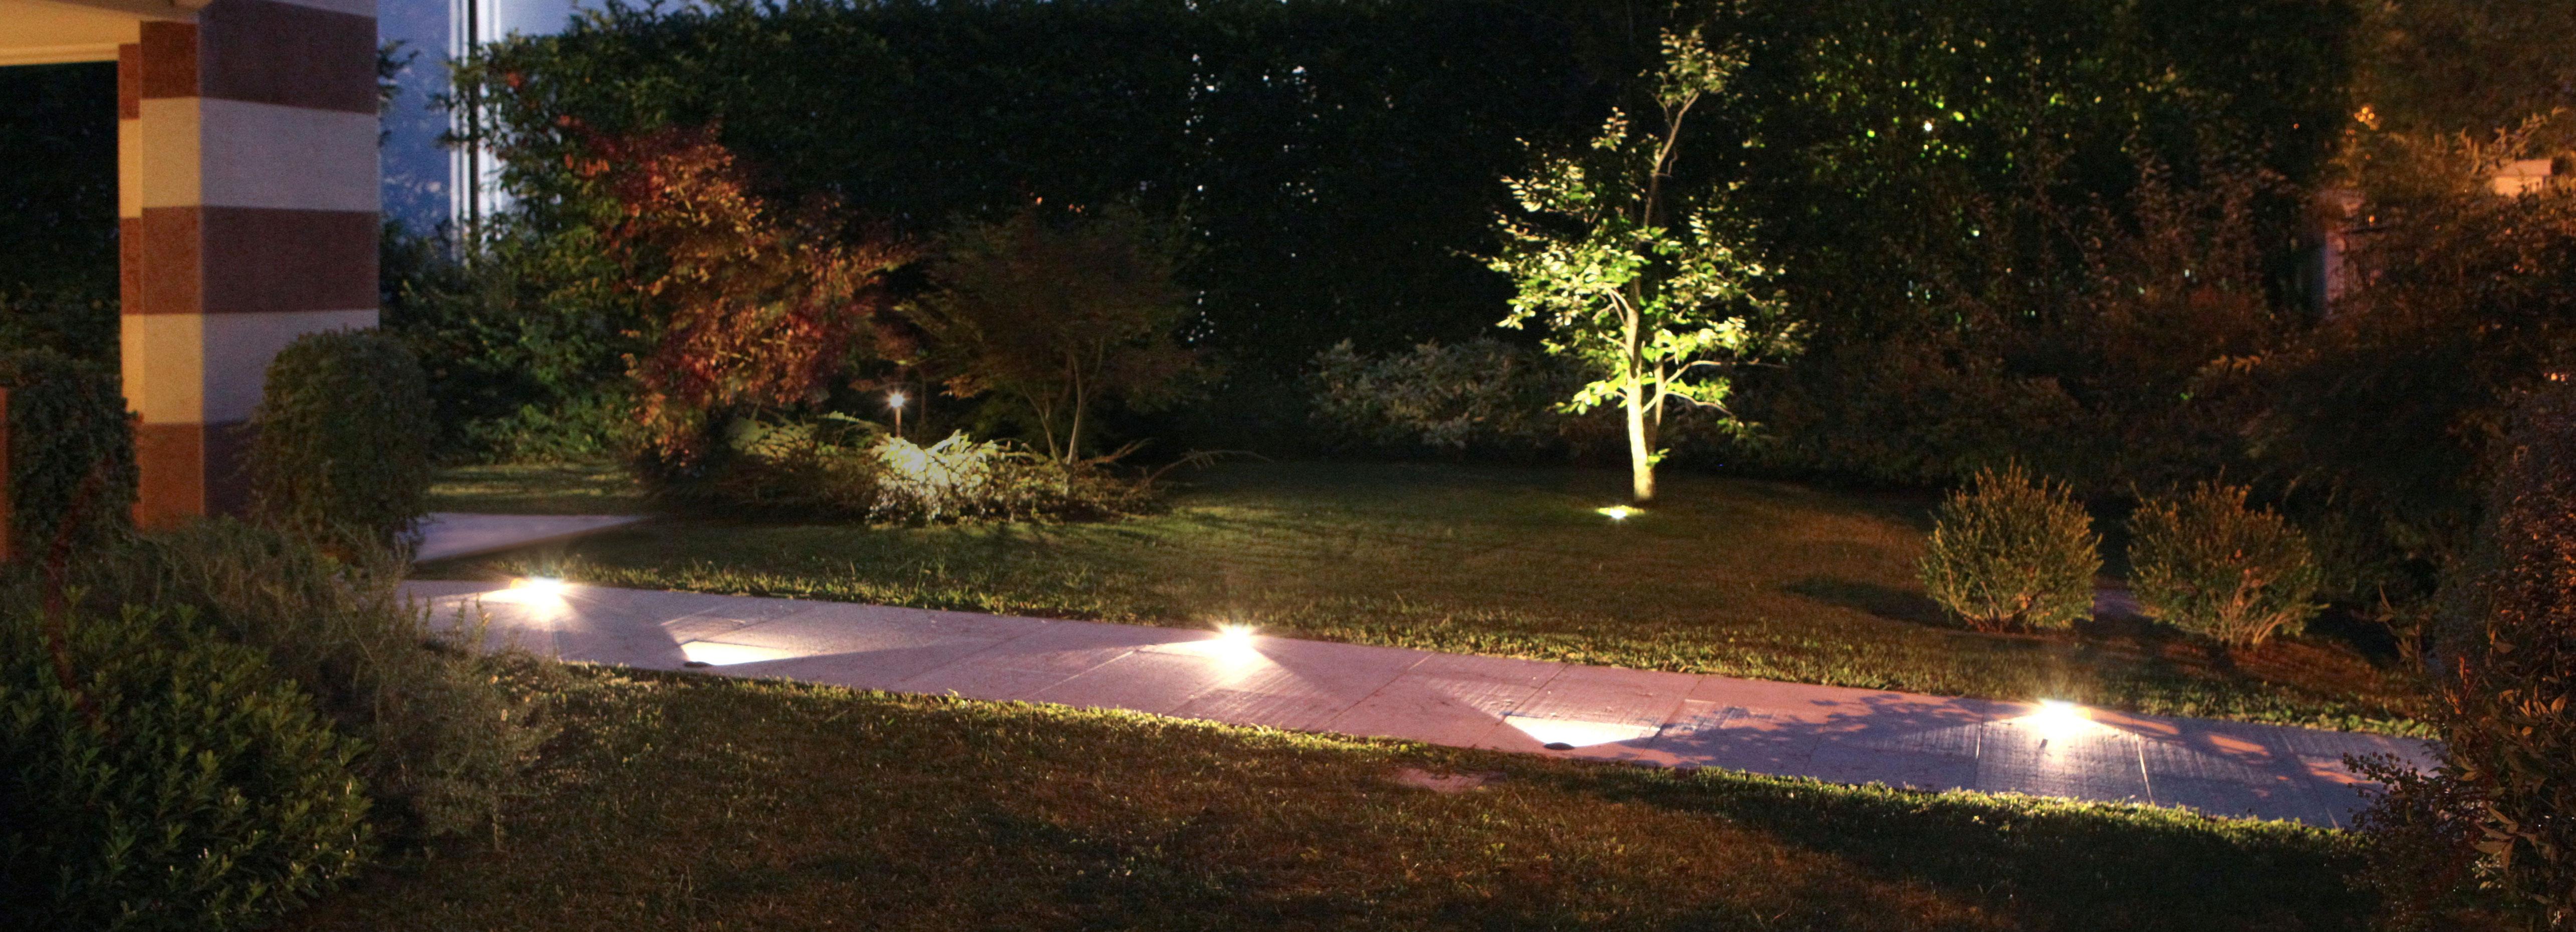 Villa privata b light - Vialetto giardino illuminato ...